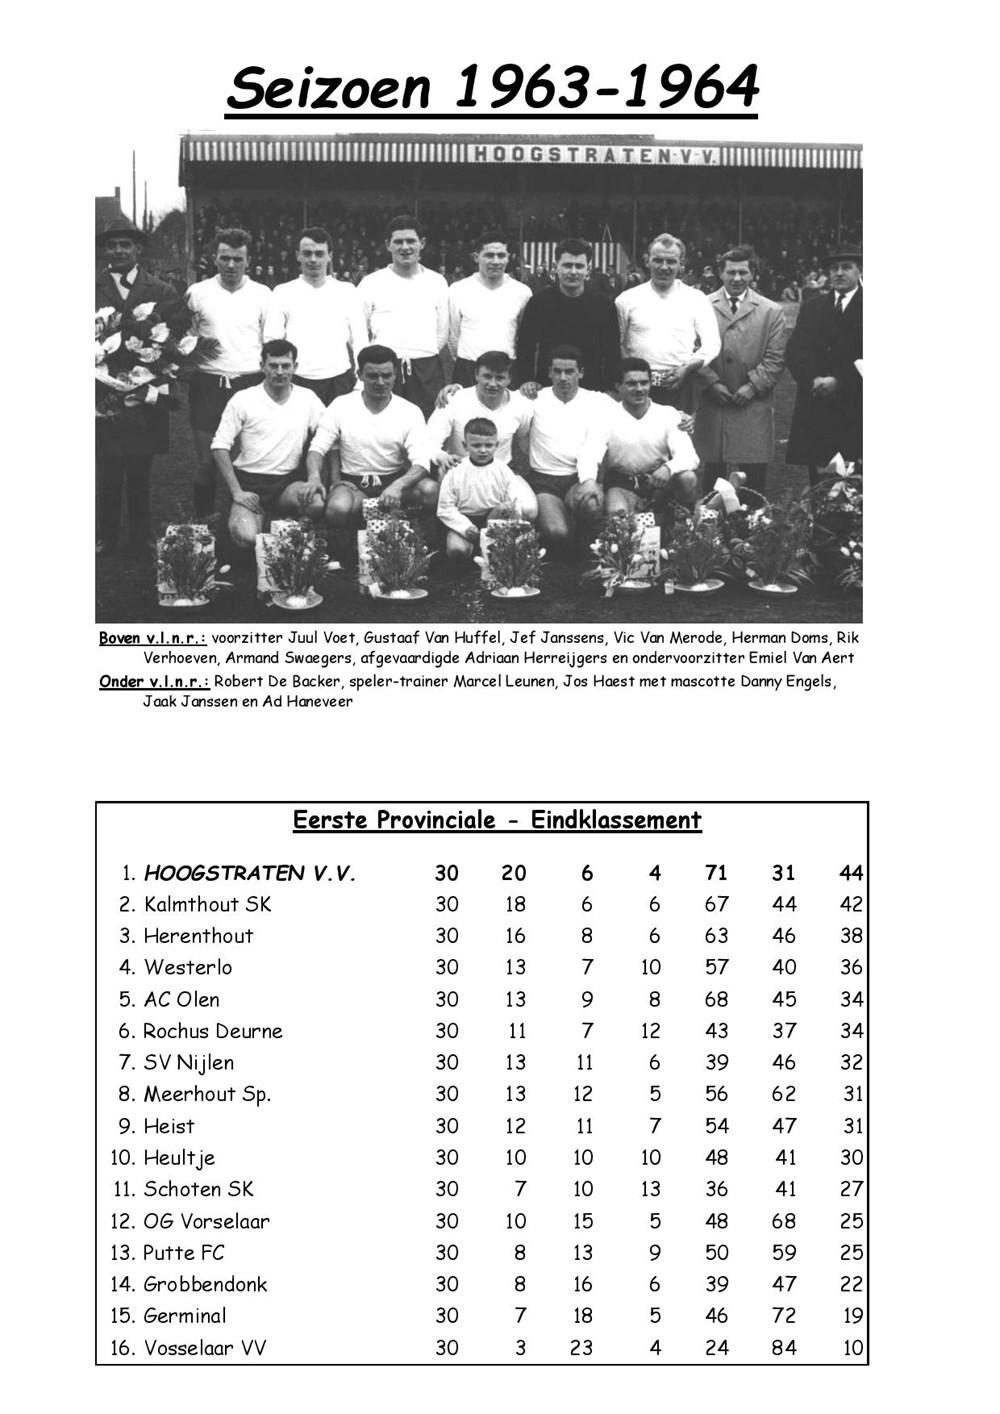 seizoen_1963-1964-page-001.jpg